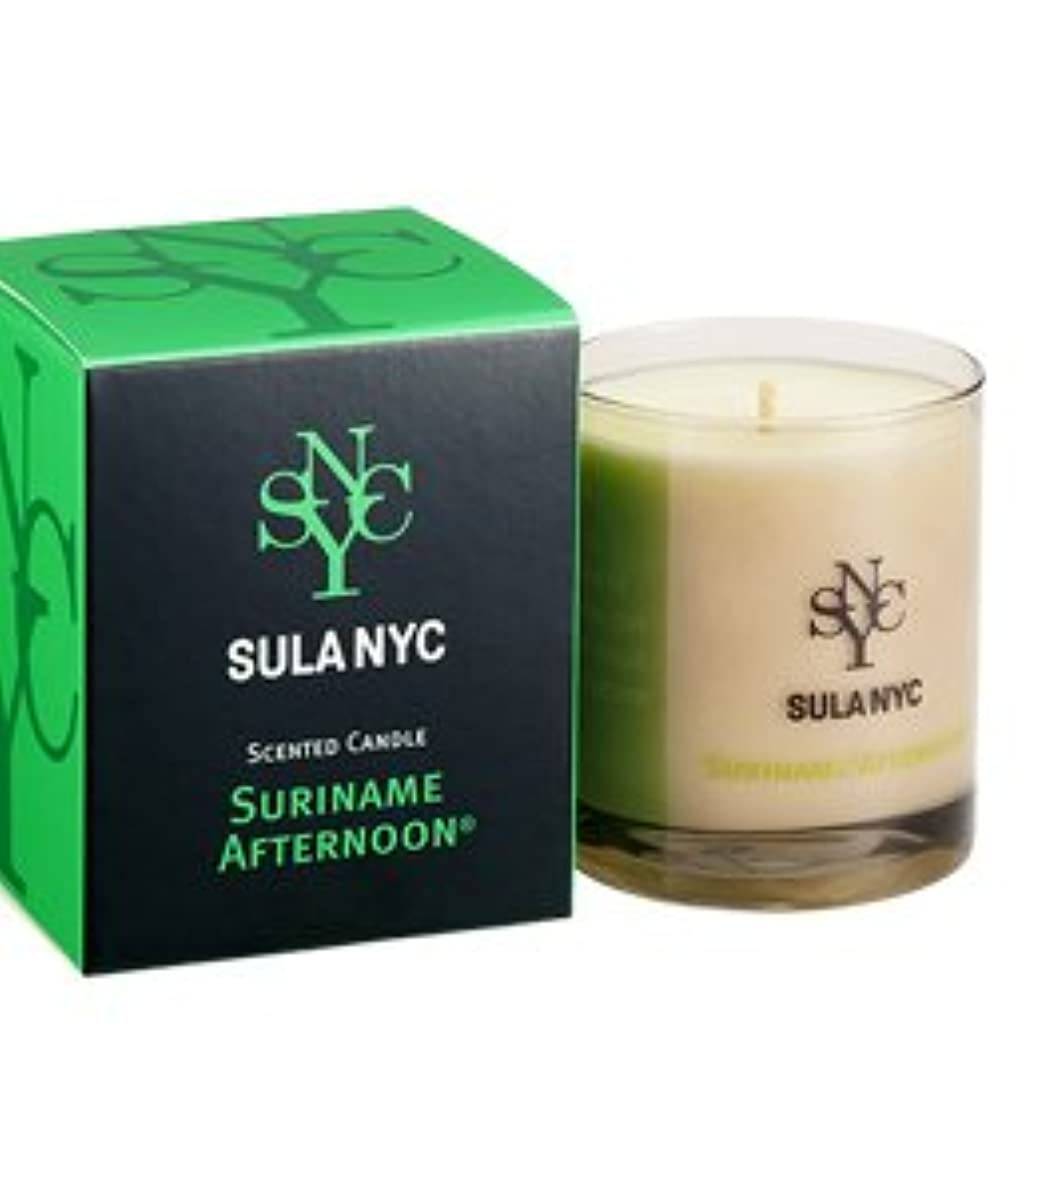 洗う練習記念SULA NYC CANDLE グラス キャンドル 190g SURINAME AFTERNOON スリナム?アフタヌーン 燃焼時間:約45時間 スーラNYC